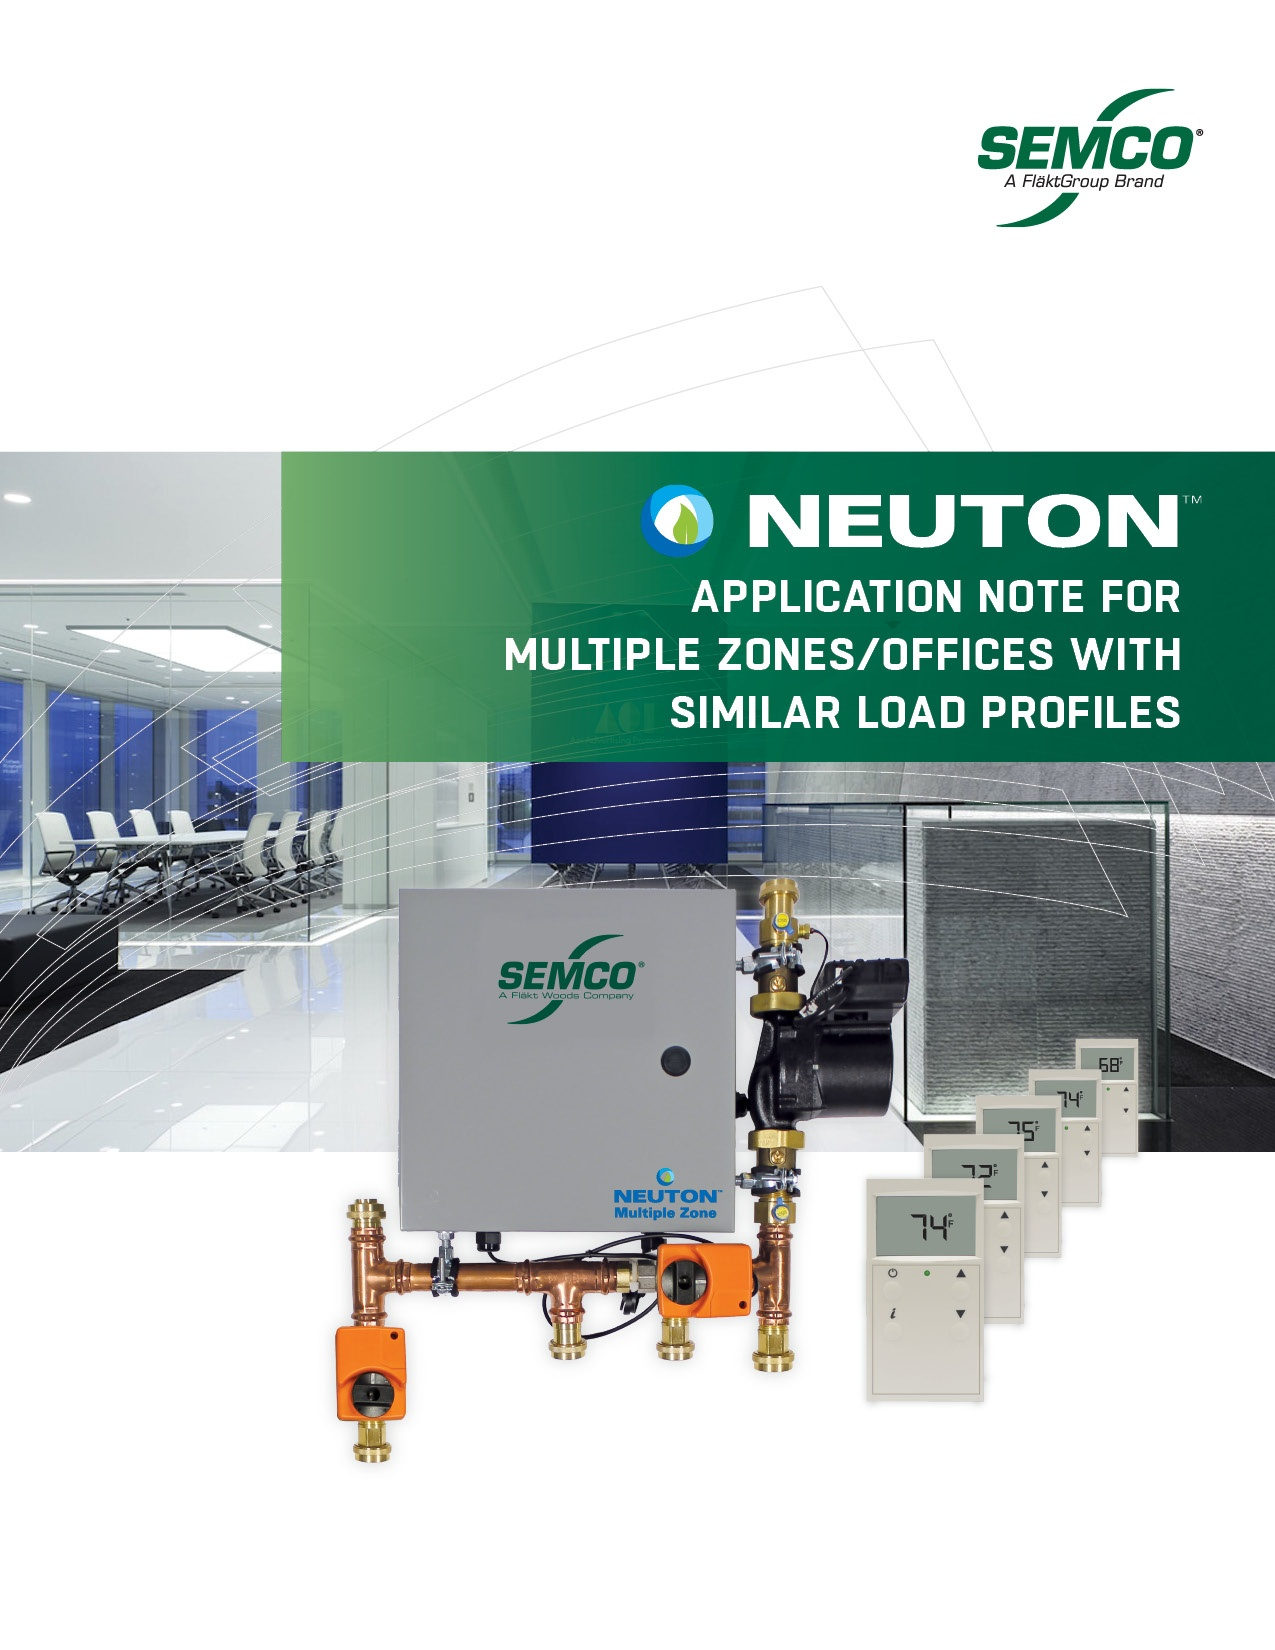 NEUTON Application Note for Multiple Zones - Cover.jpg